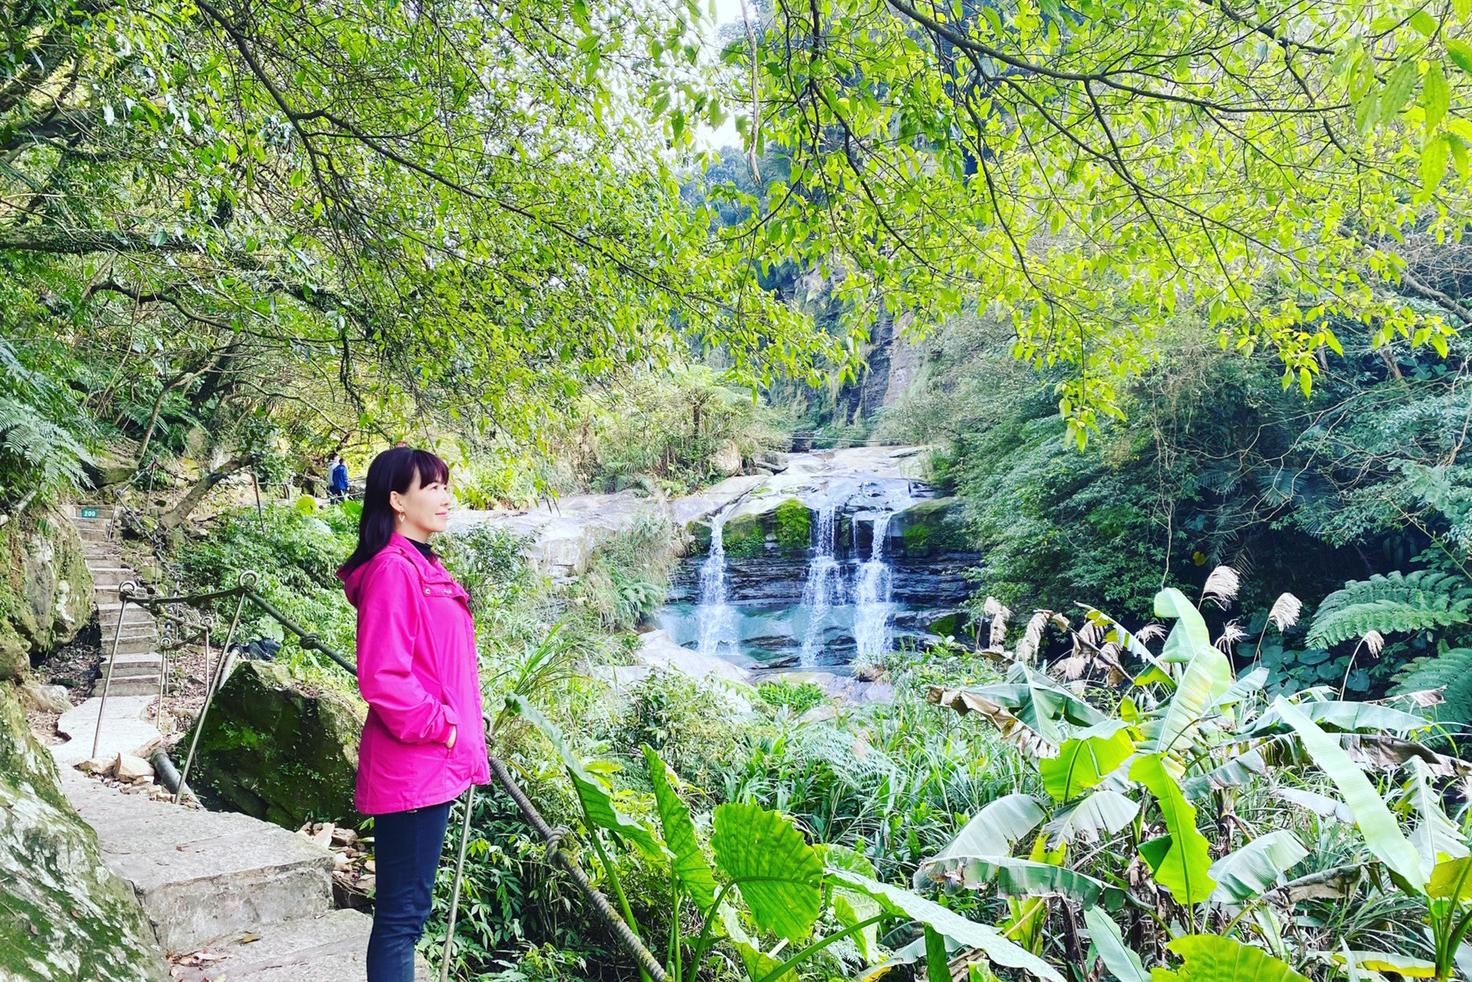 能看海、能賞山的「北台灣精選 5 條健行步道」,到「綠色健身房」放鬆身心吧!